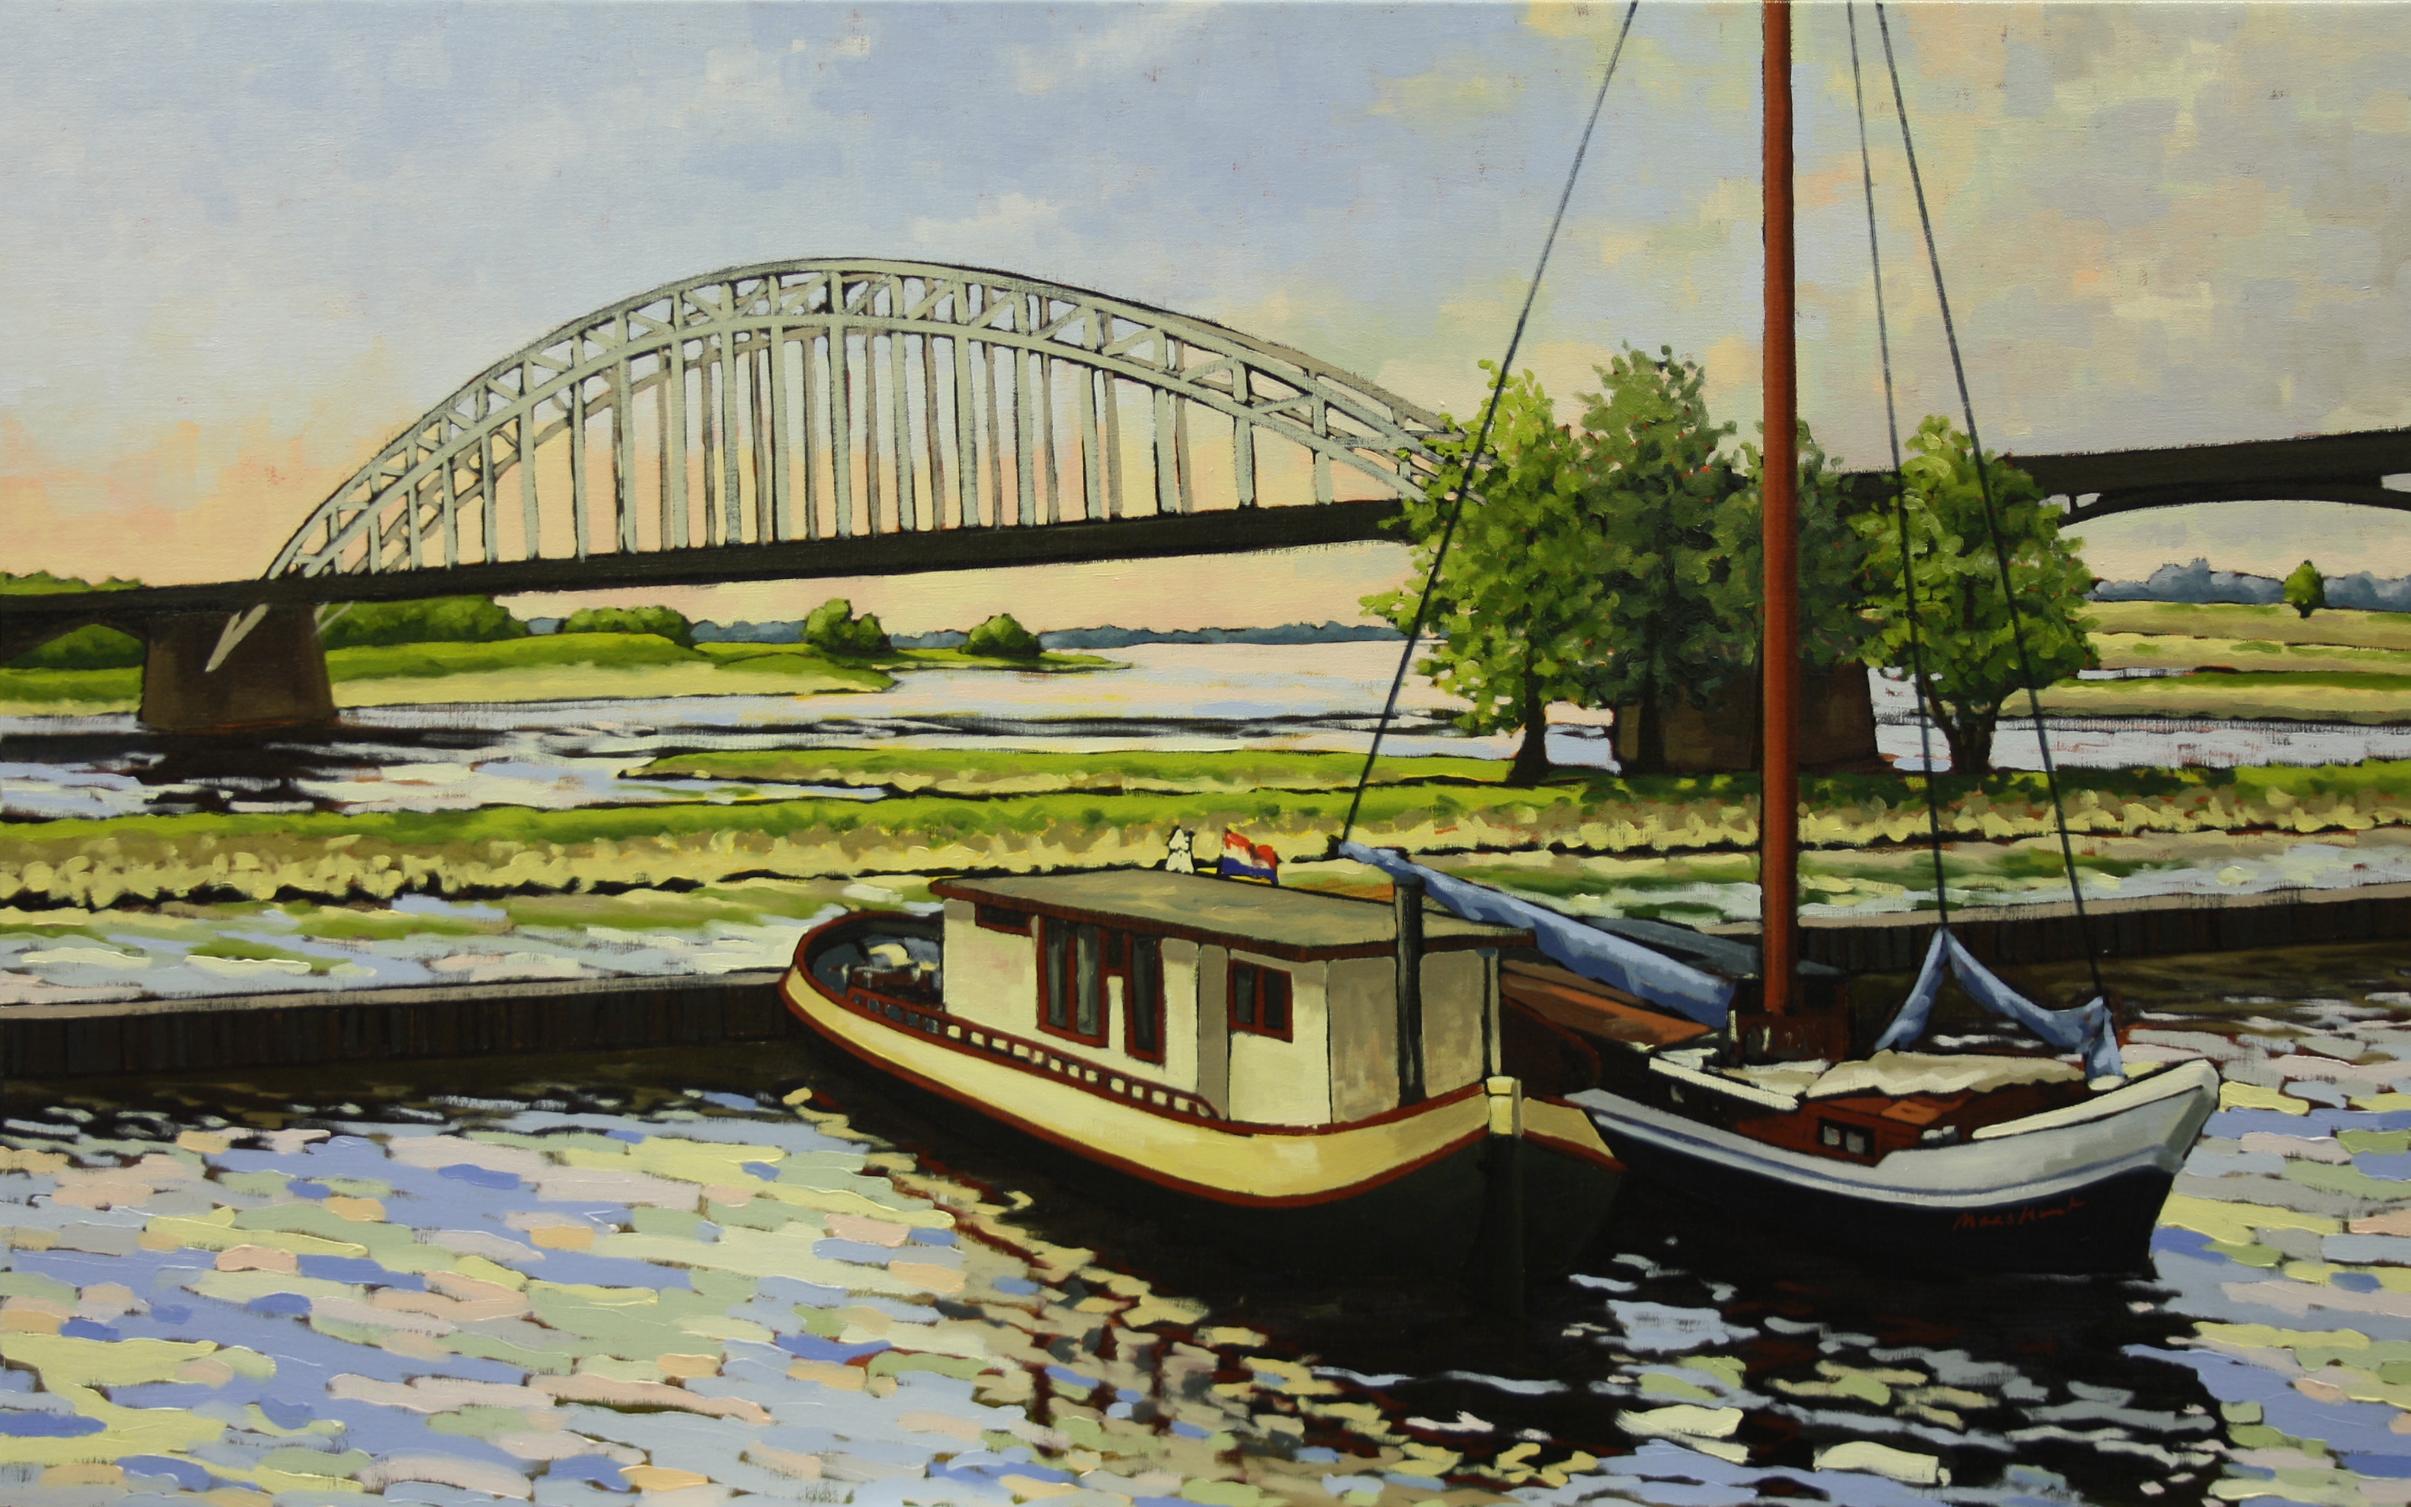 Waalbrug